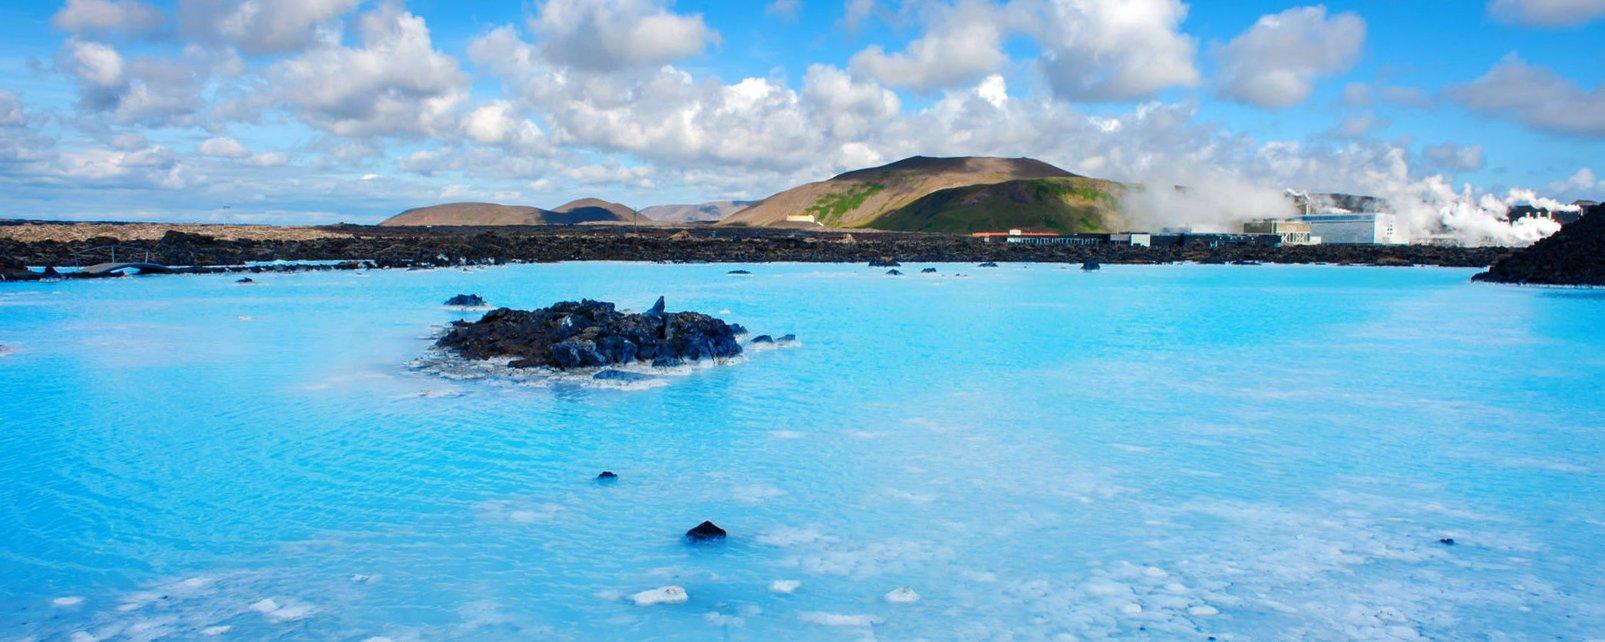 Il Blue Lagoon, Le Blue Lagoon, Le attività e i divertimenti, Keflavík, Islanda